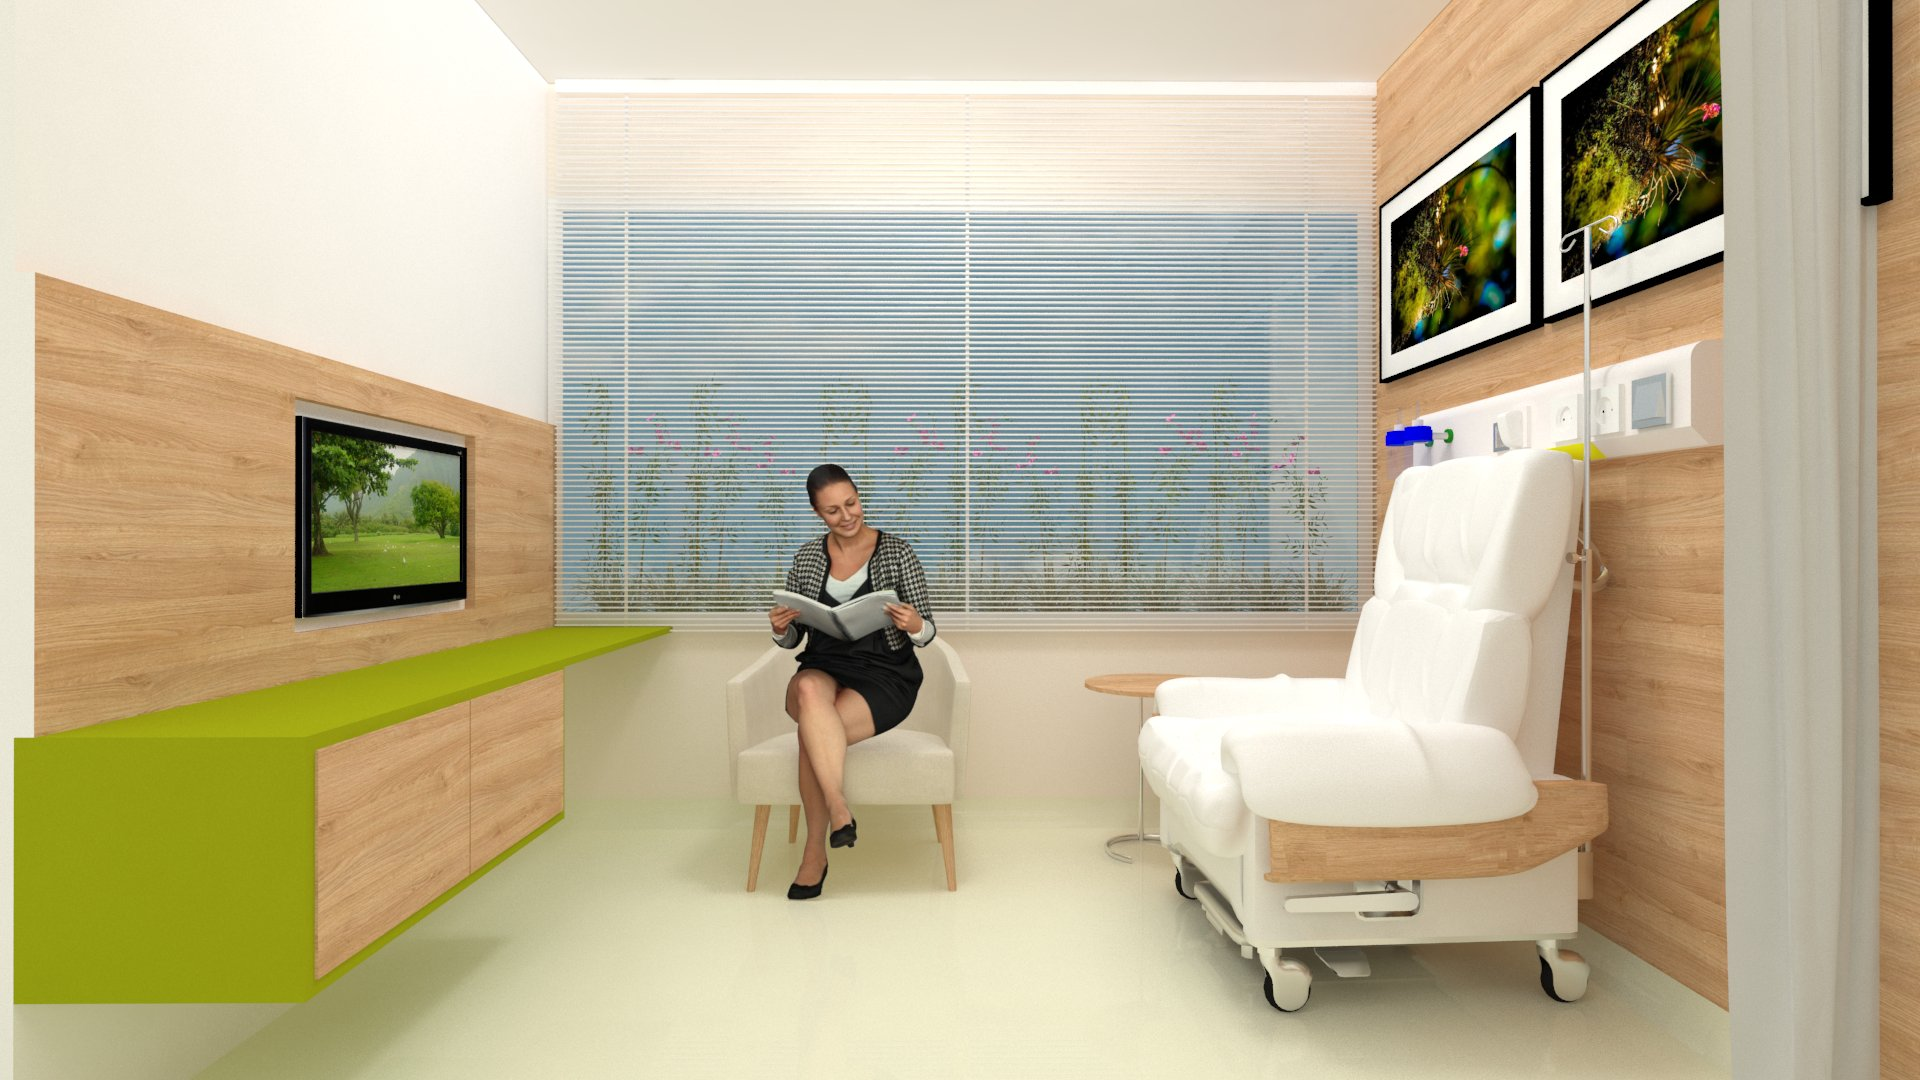 Estudo de baia para quimioterapia